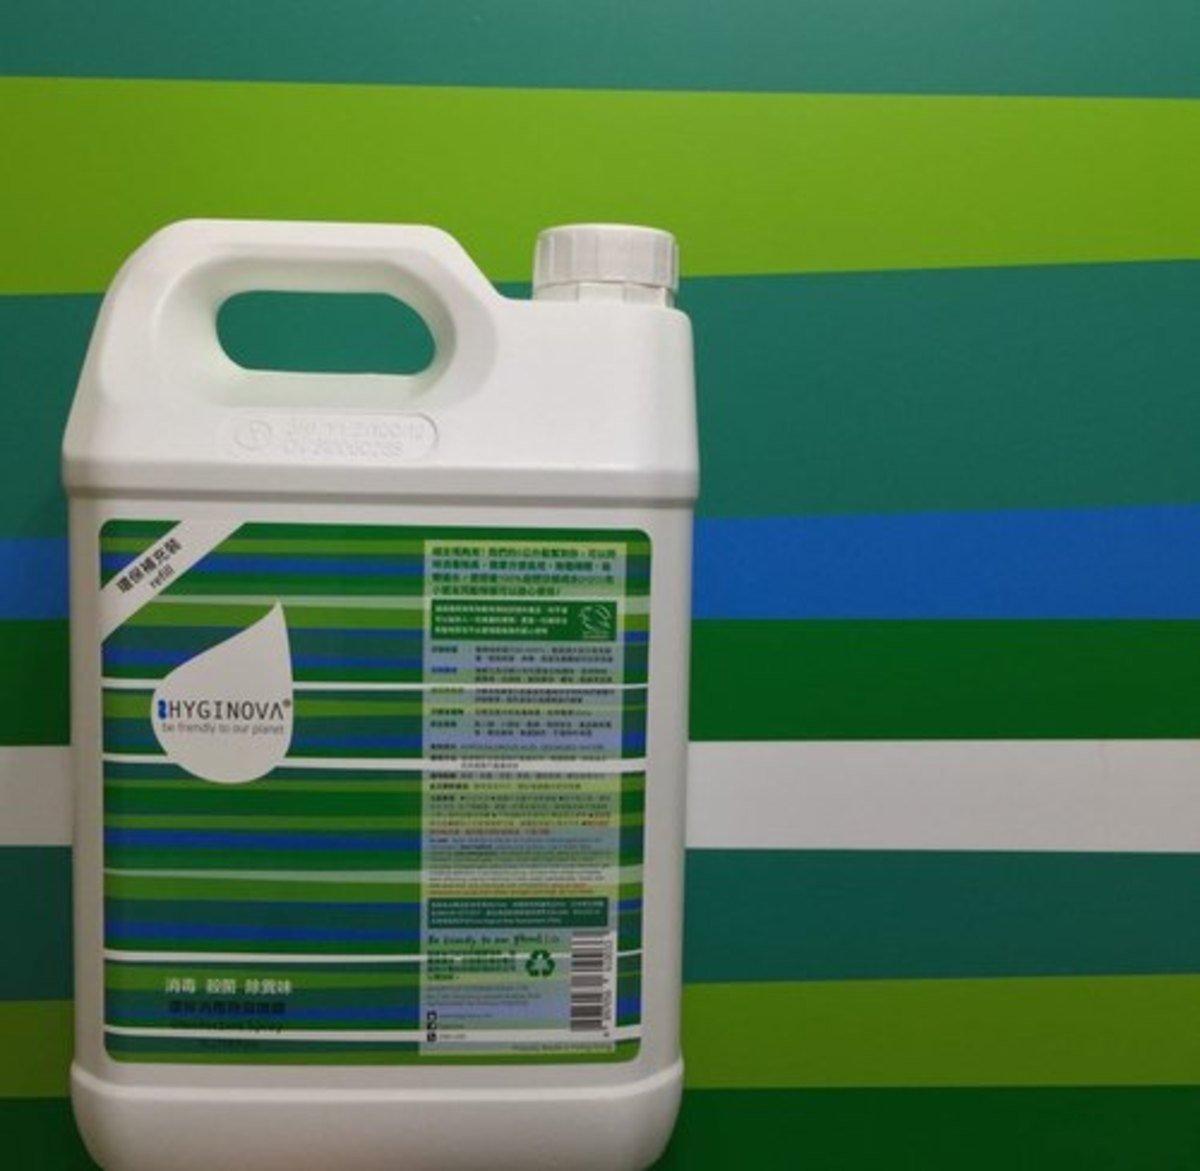 環保消毒除臭噴霧-5公升桶裝